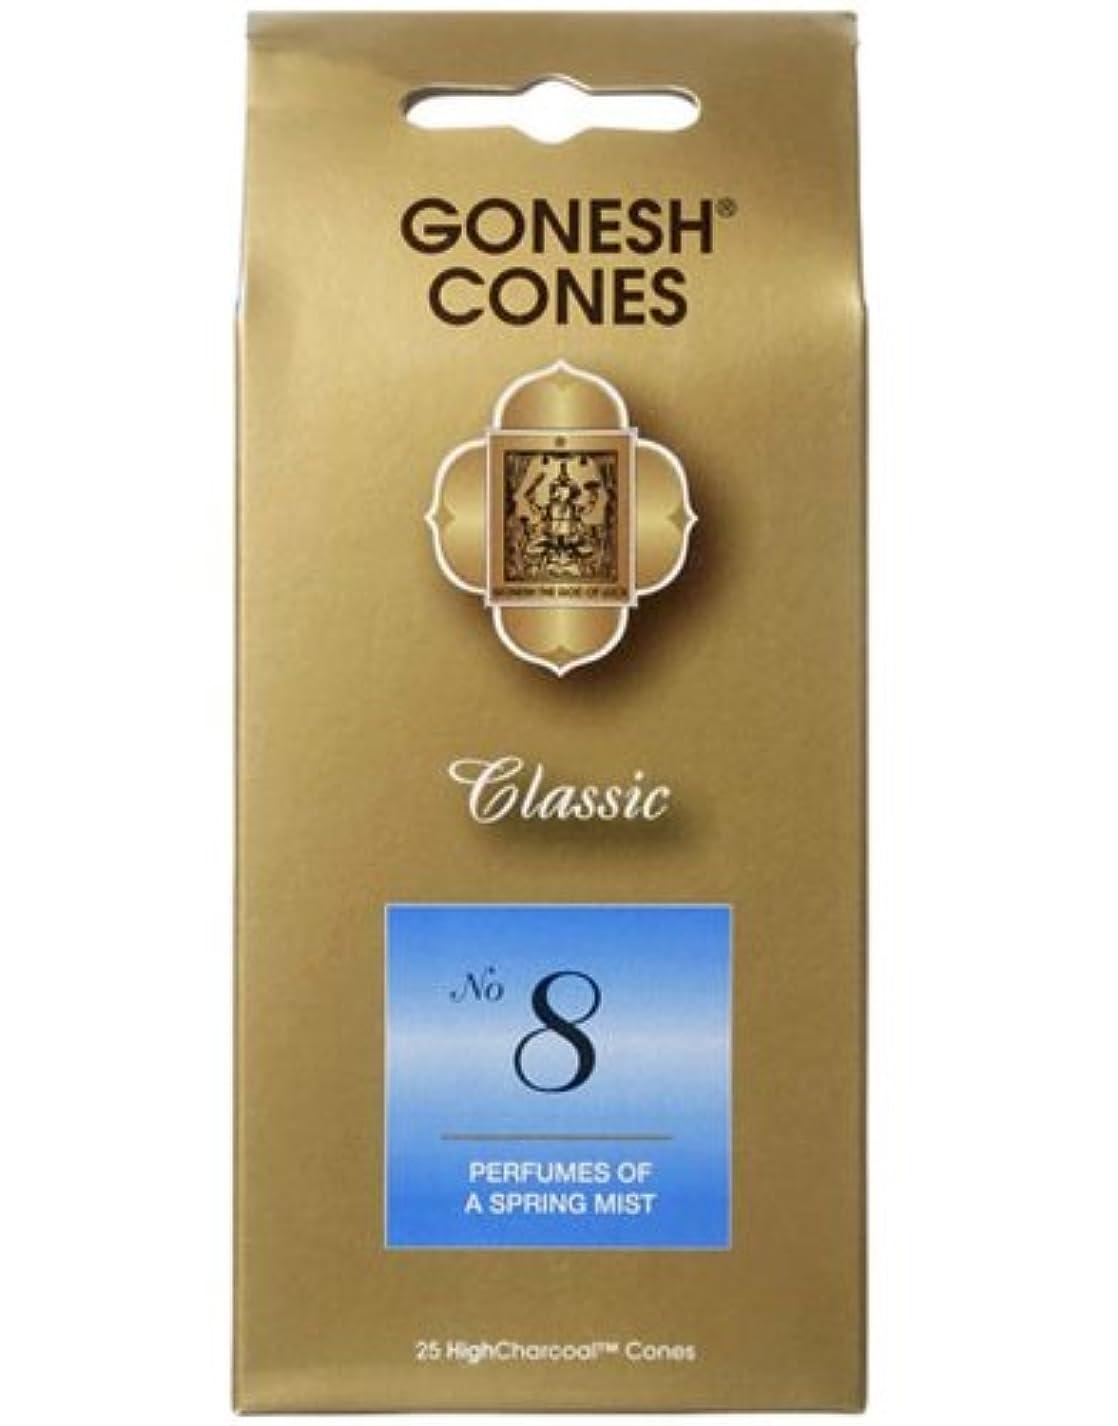 権利を与えるペストビュッフェガーネッシュ(GONESH) ナンバー インセンス コーン No.8 25個入(お香)